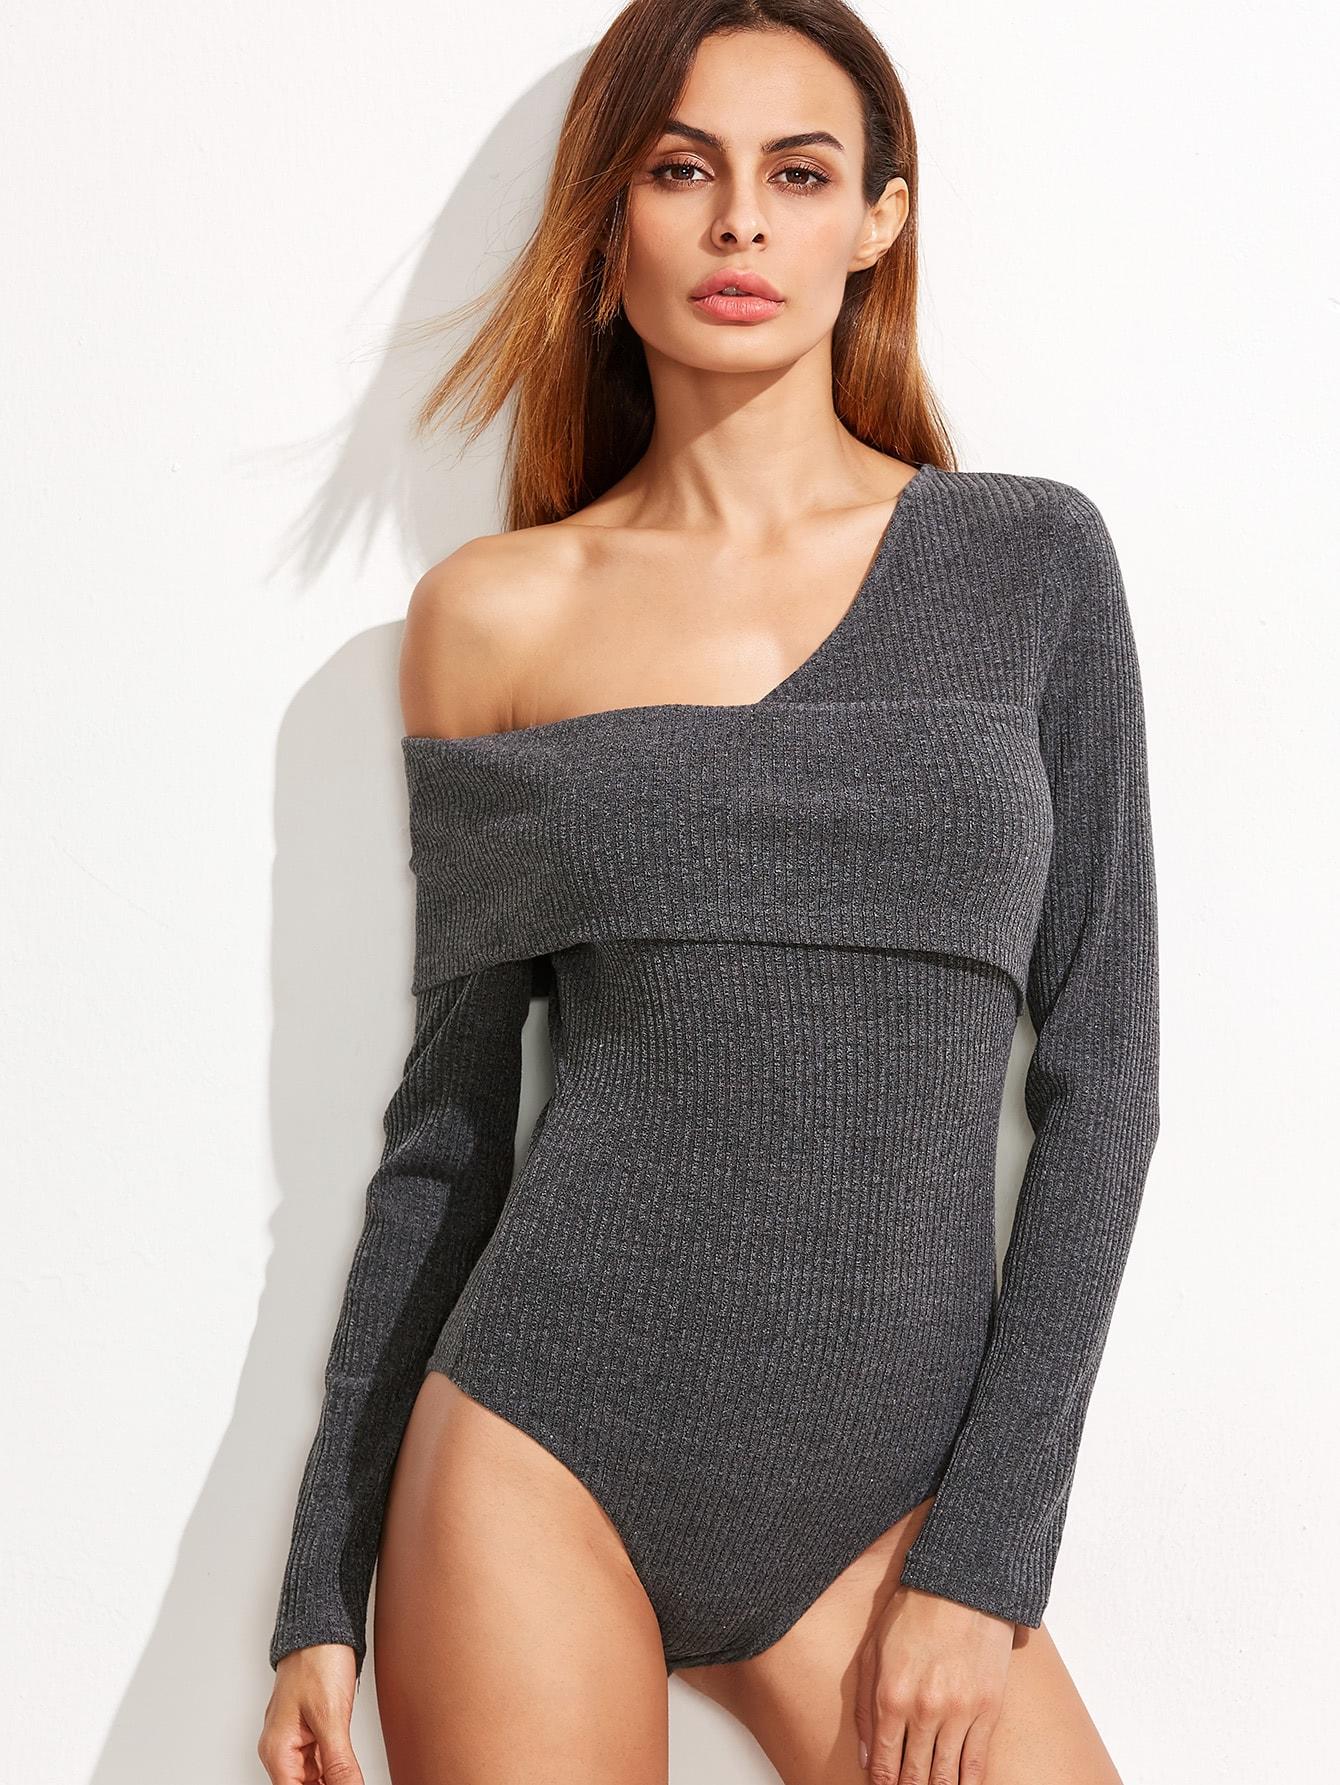 Ribbed Knit Asymmetric Fold Over Bardot Bodysuit bodysuit161129701